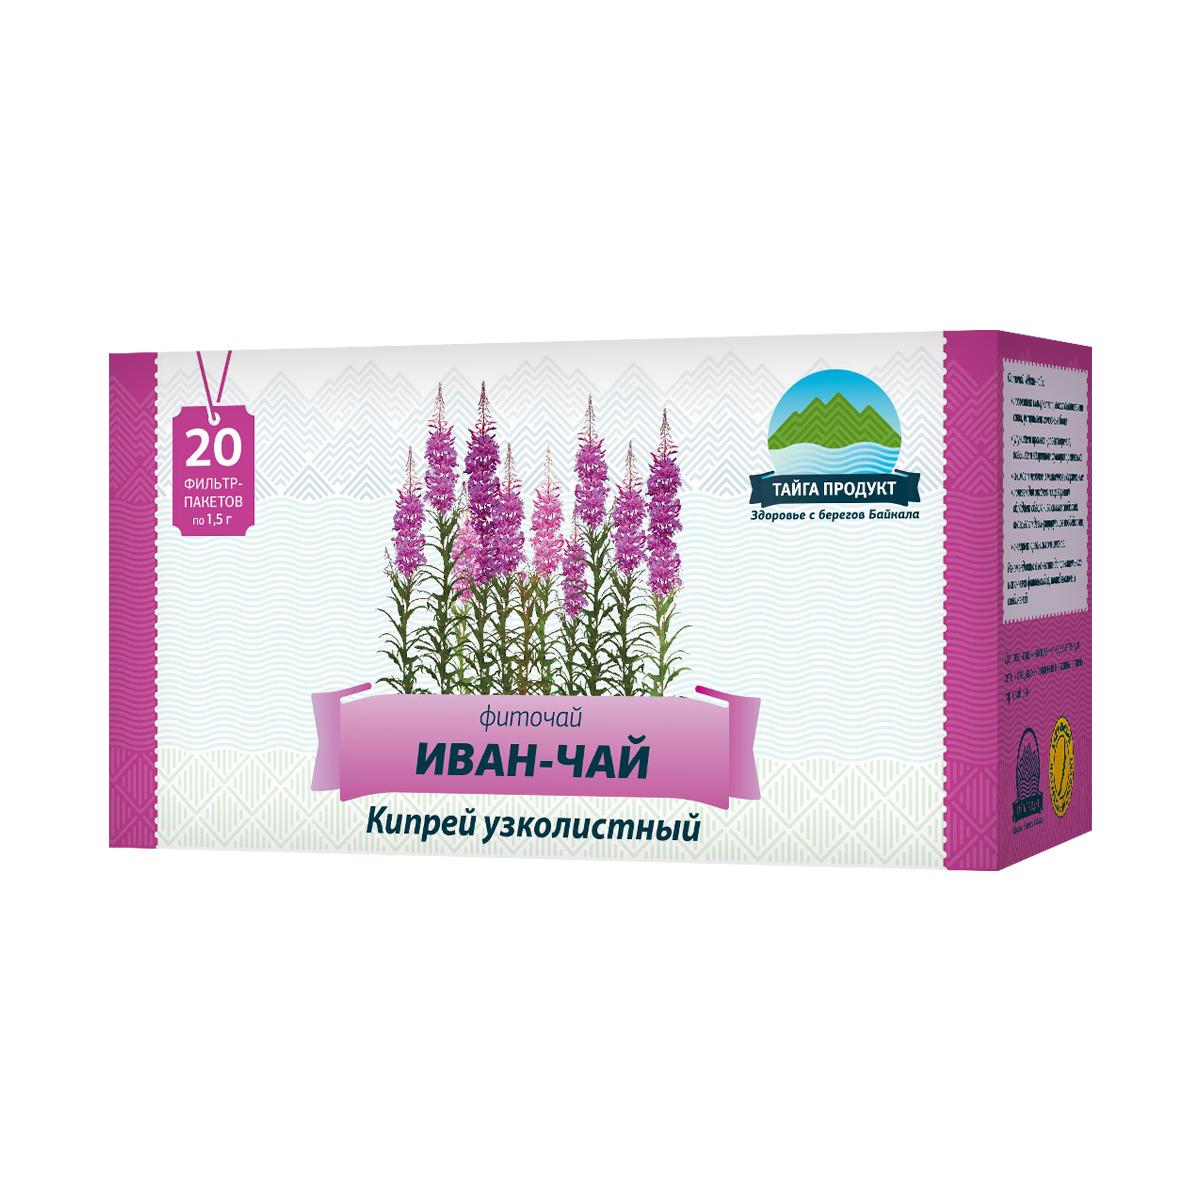 Иван-чай (кипрей узколистный) - фиточай 20 фильтр-пакетов по 1,5г